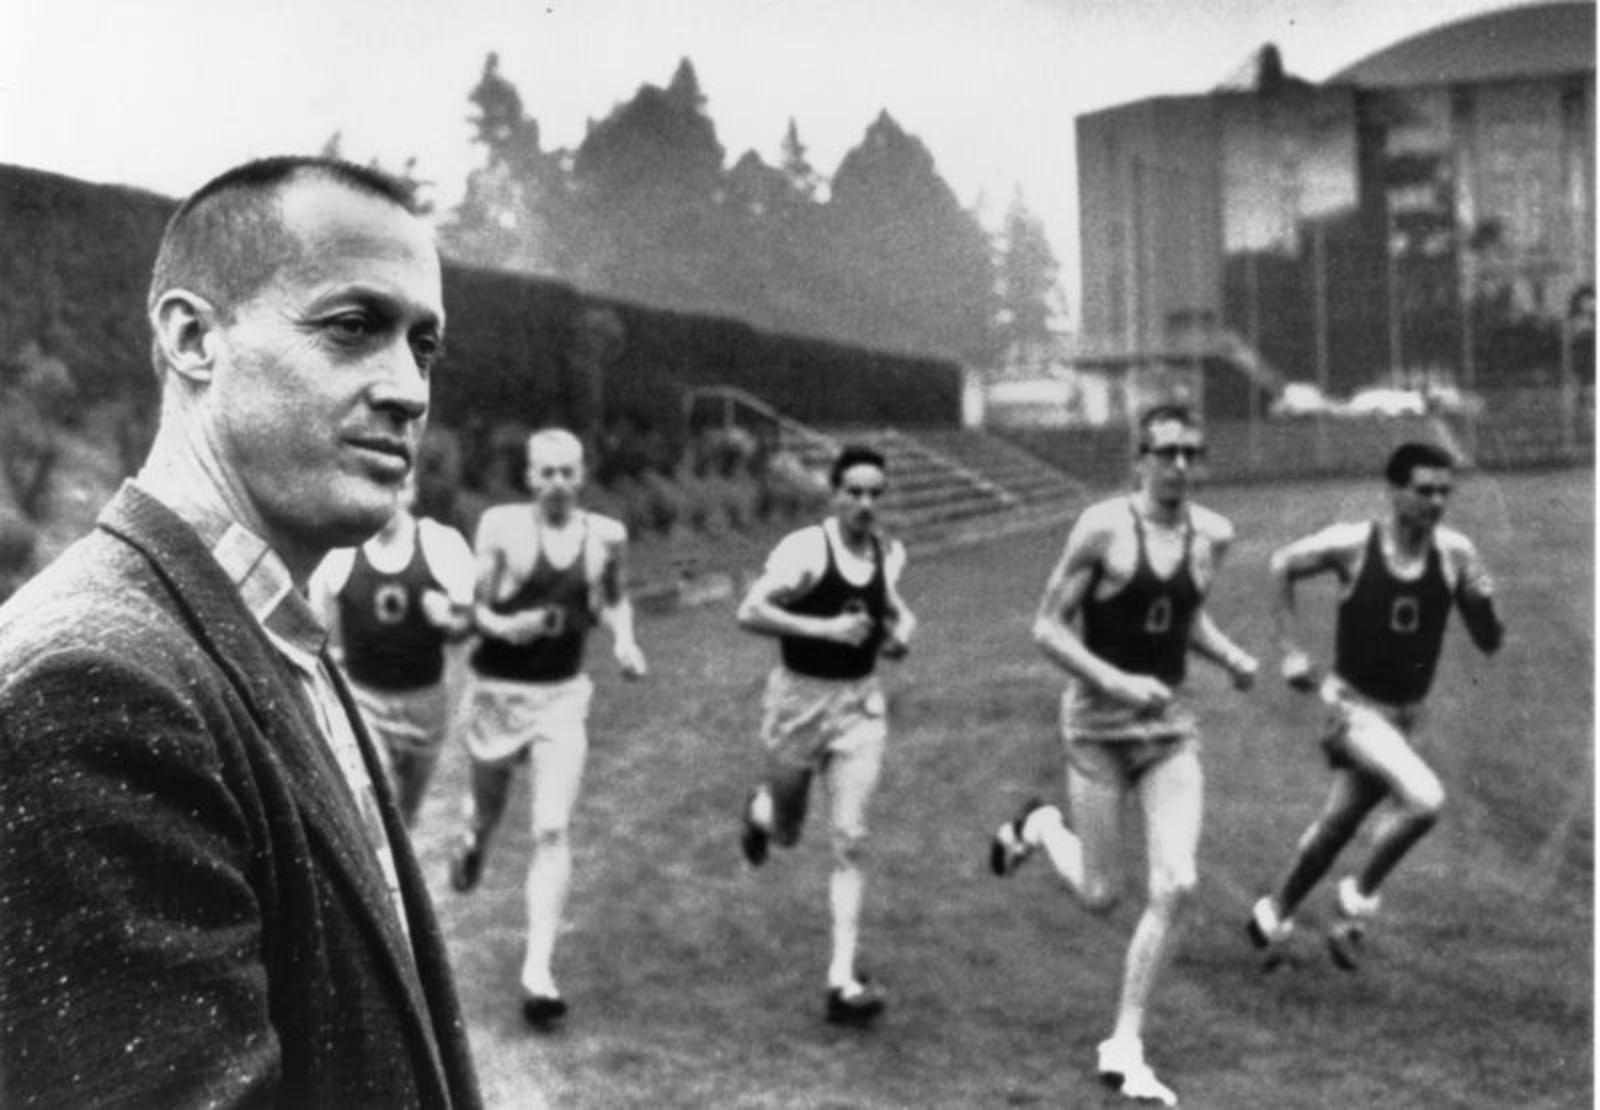 Bill Bowerman, Creator of Nike